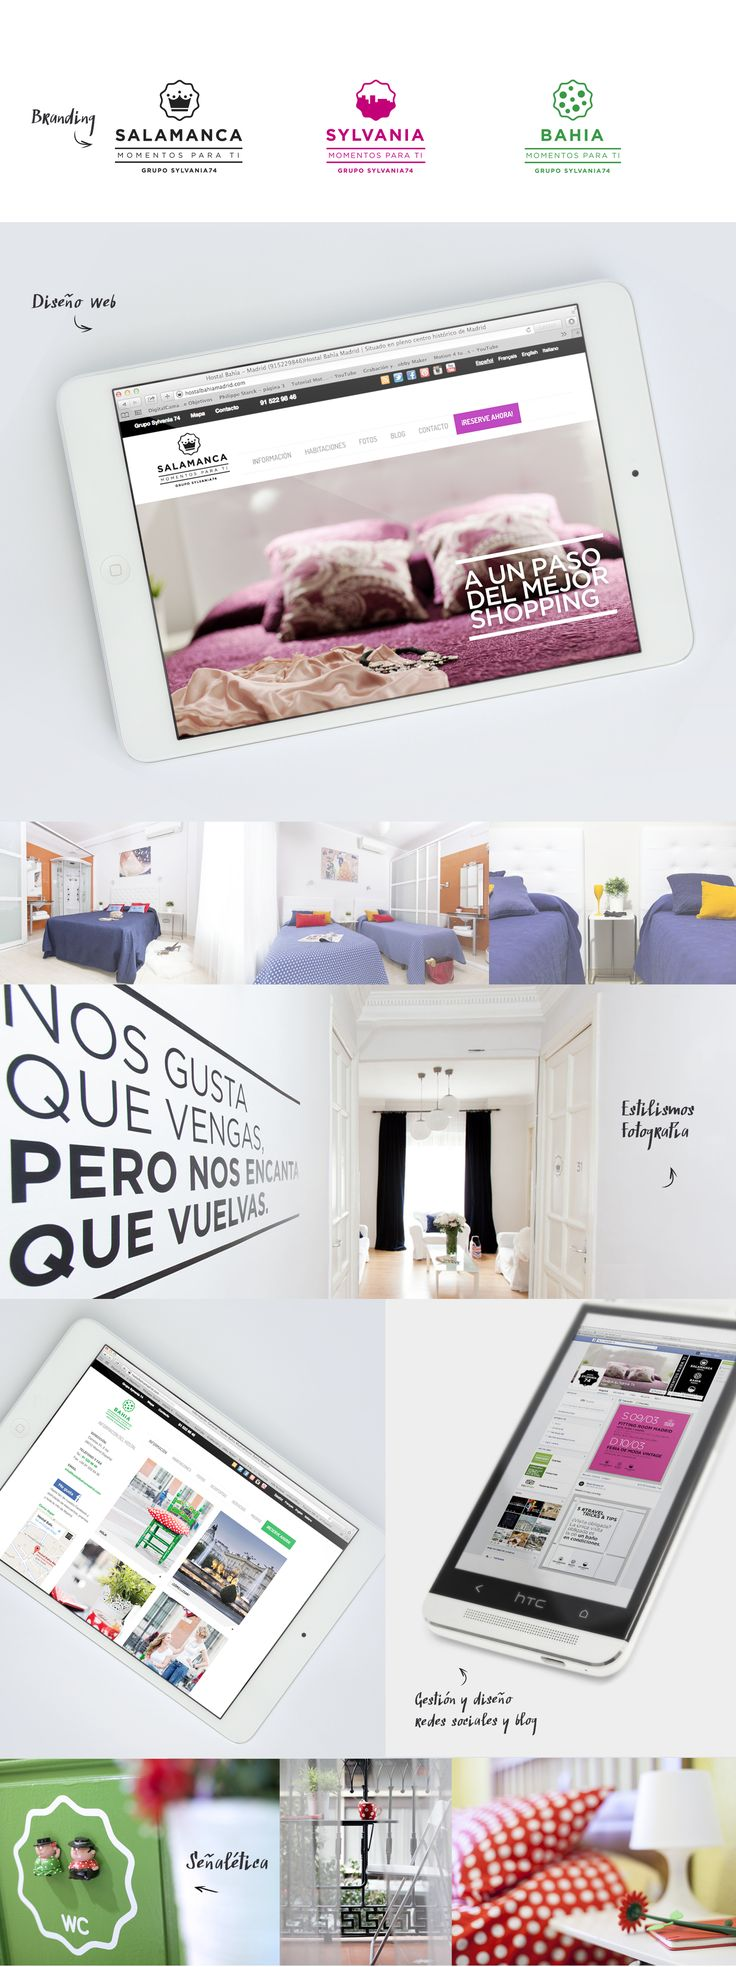 SILVANIA #wannaone #interiorismo #branding #fotografia #estilismo #redessociales #home #staging #design #web #hostal salamanca